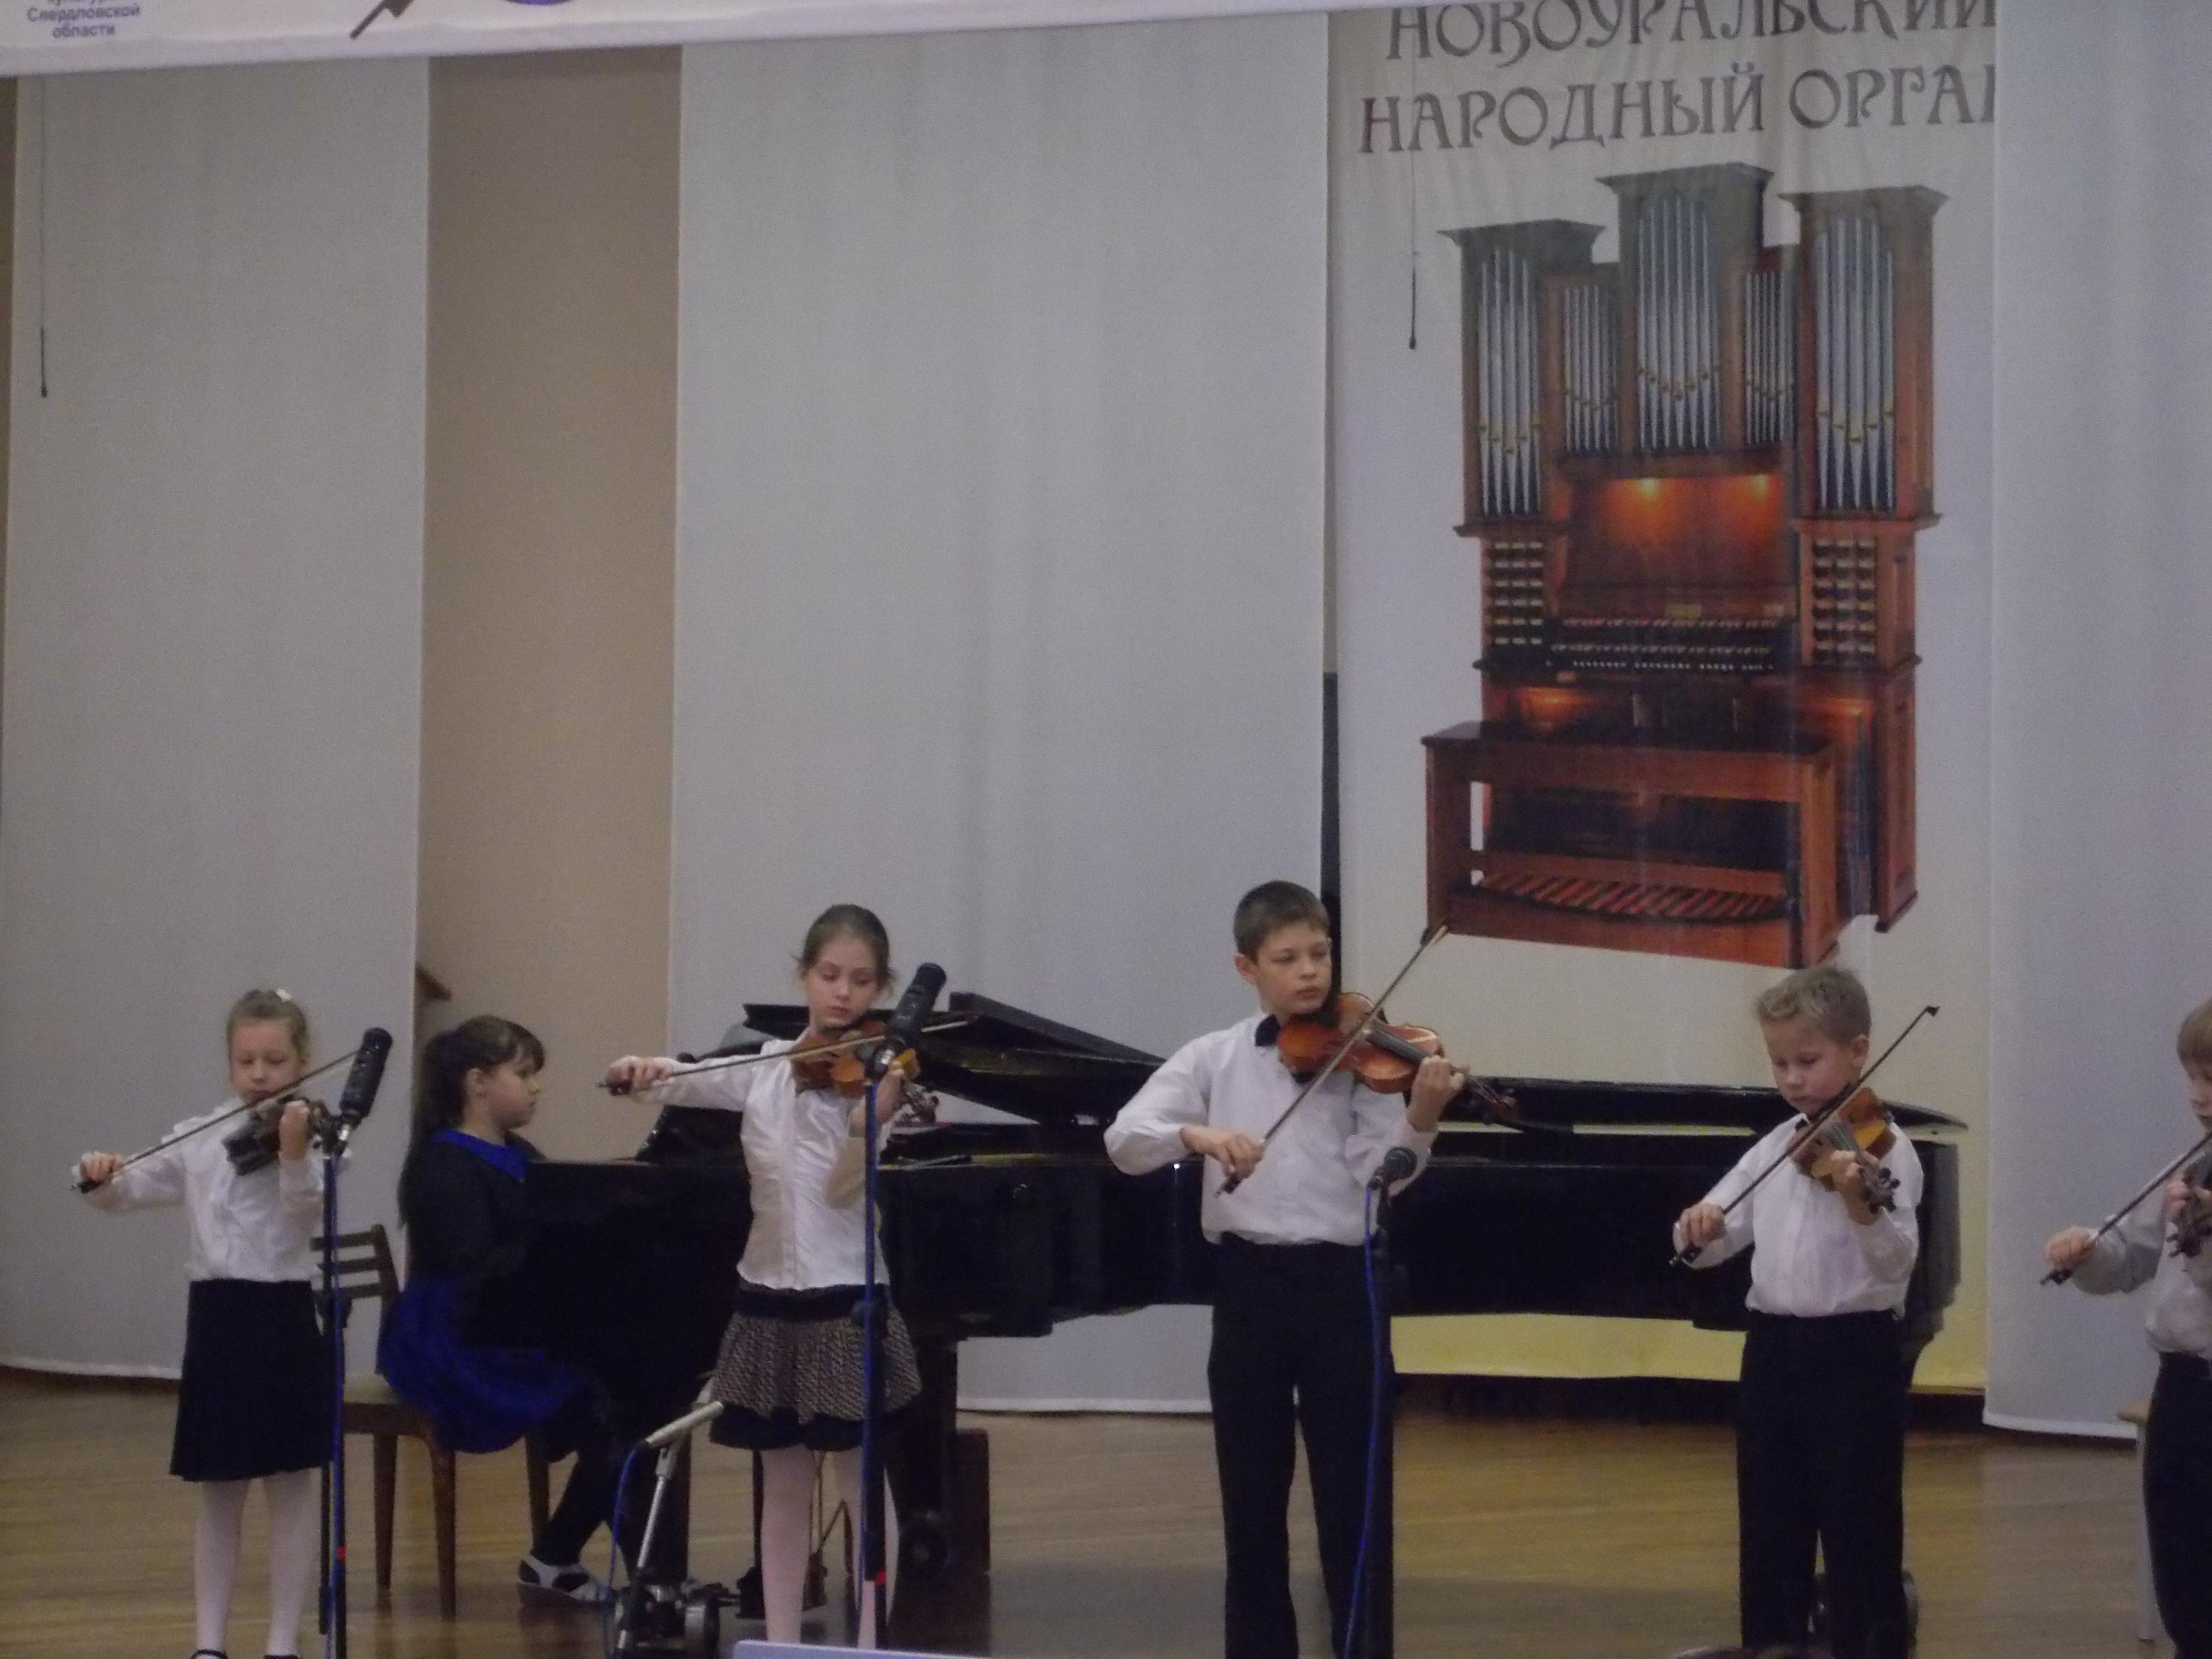 №3  участники проекта учащиеся ДШИ г. Новоуральск